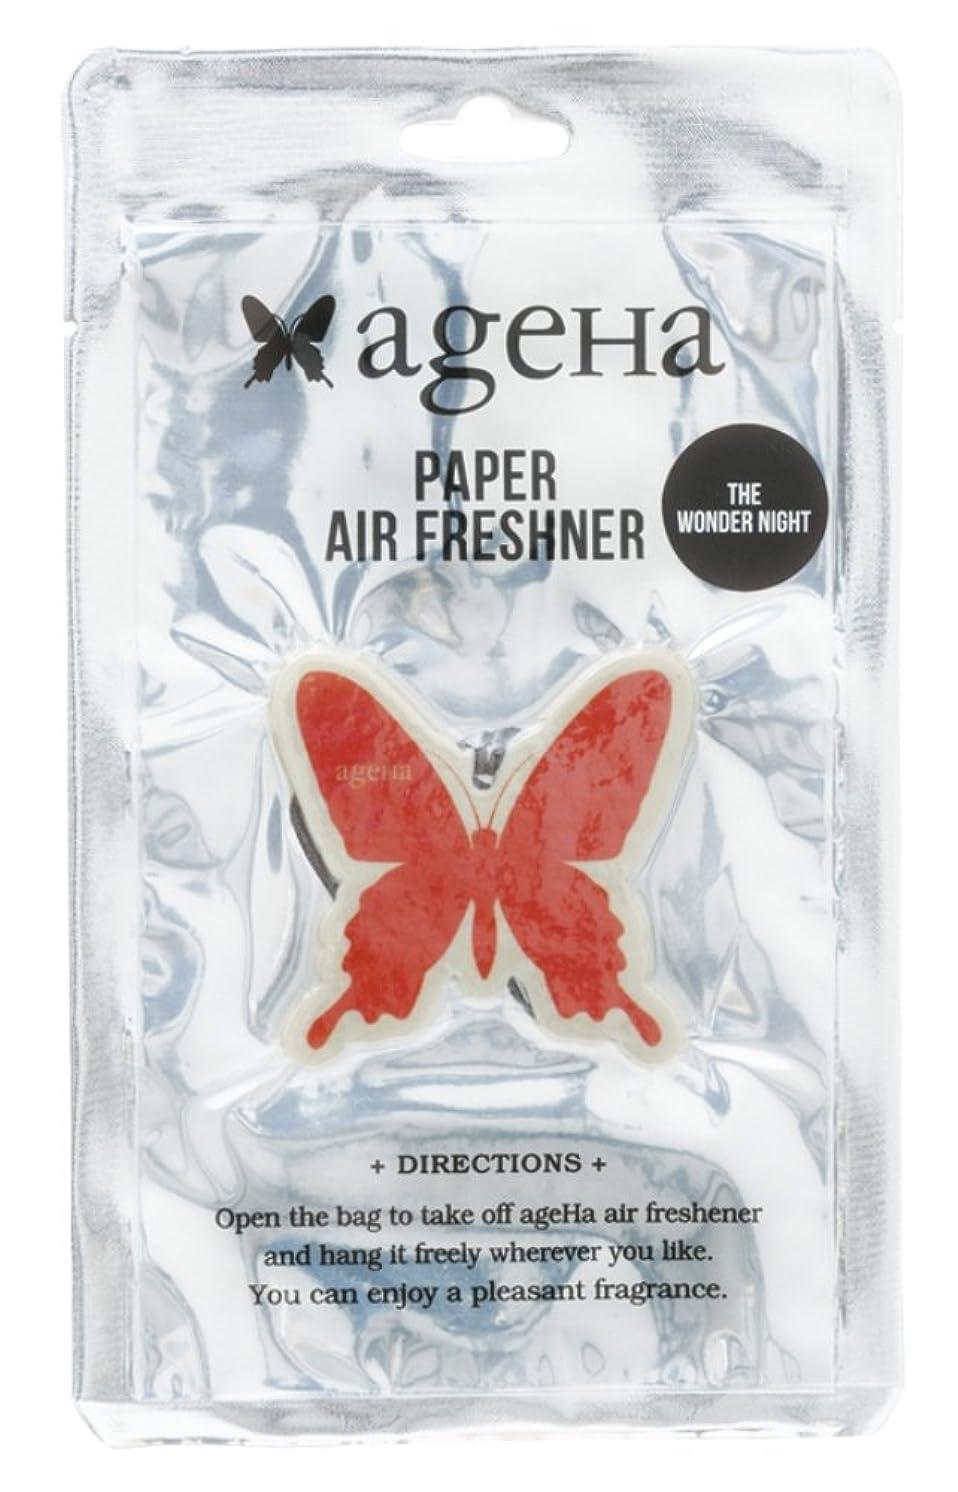 未払い貯水池鋭くageha エアーフレッシュナー バタフライ 吊り下げ ワンダーナイトの香り OA-AGE-3-1